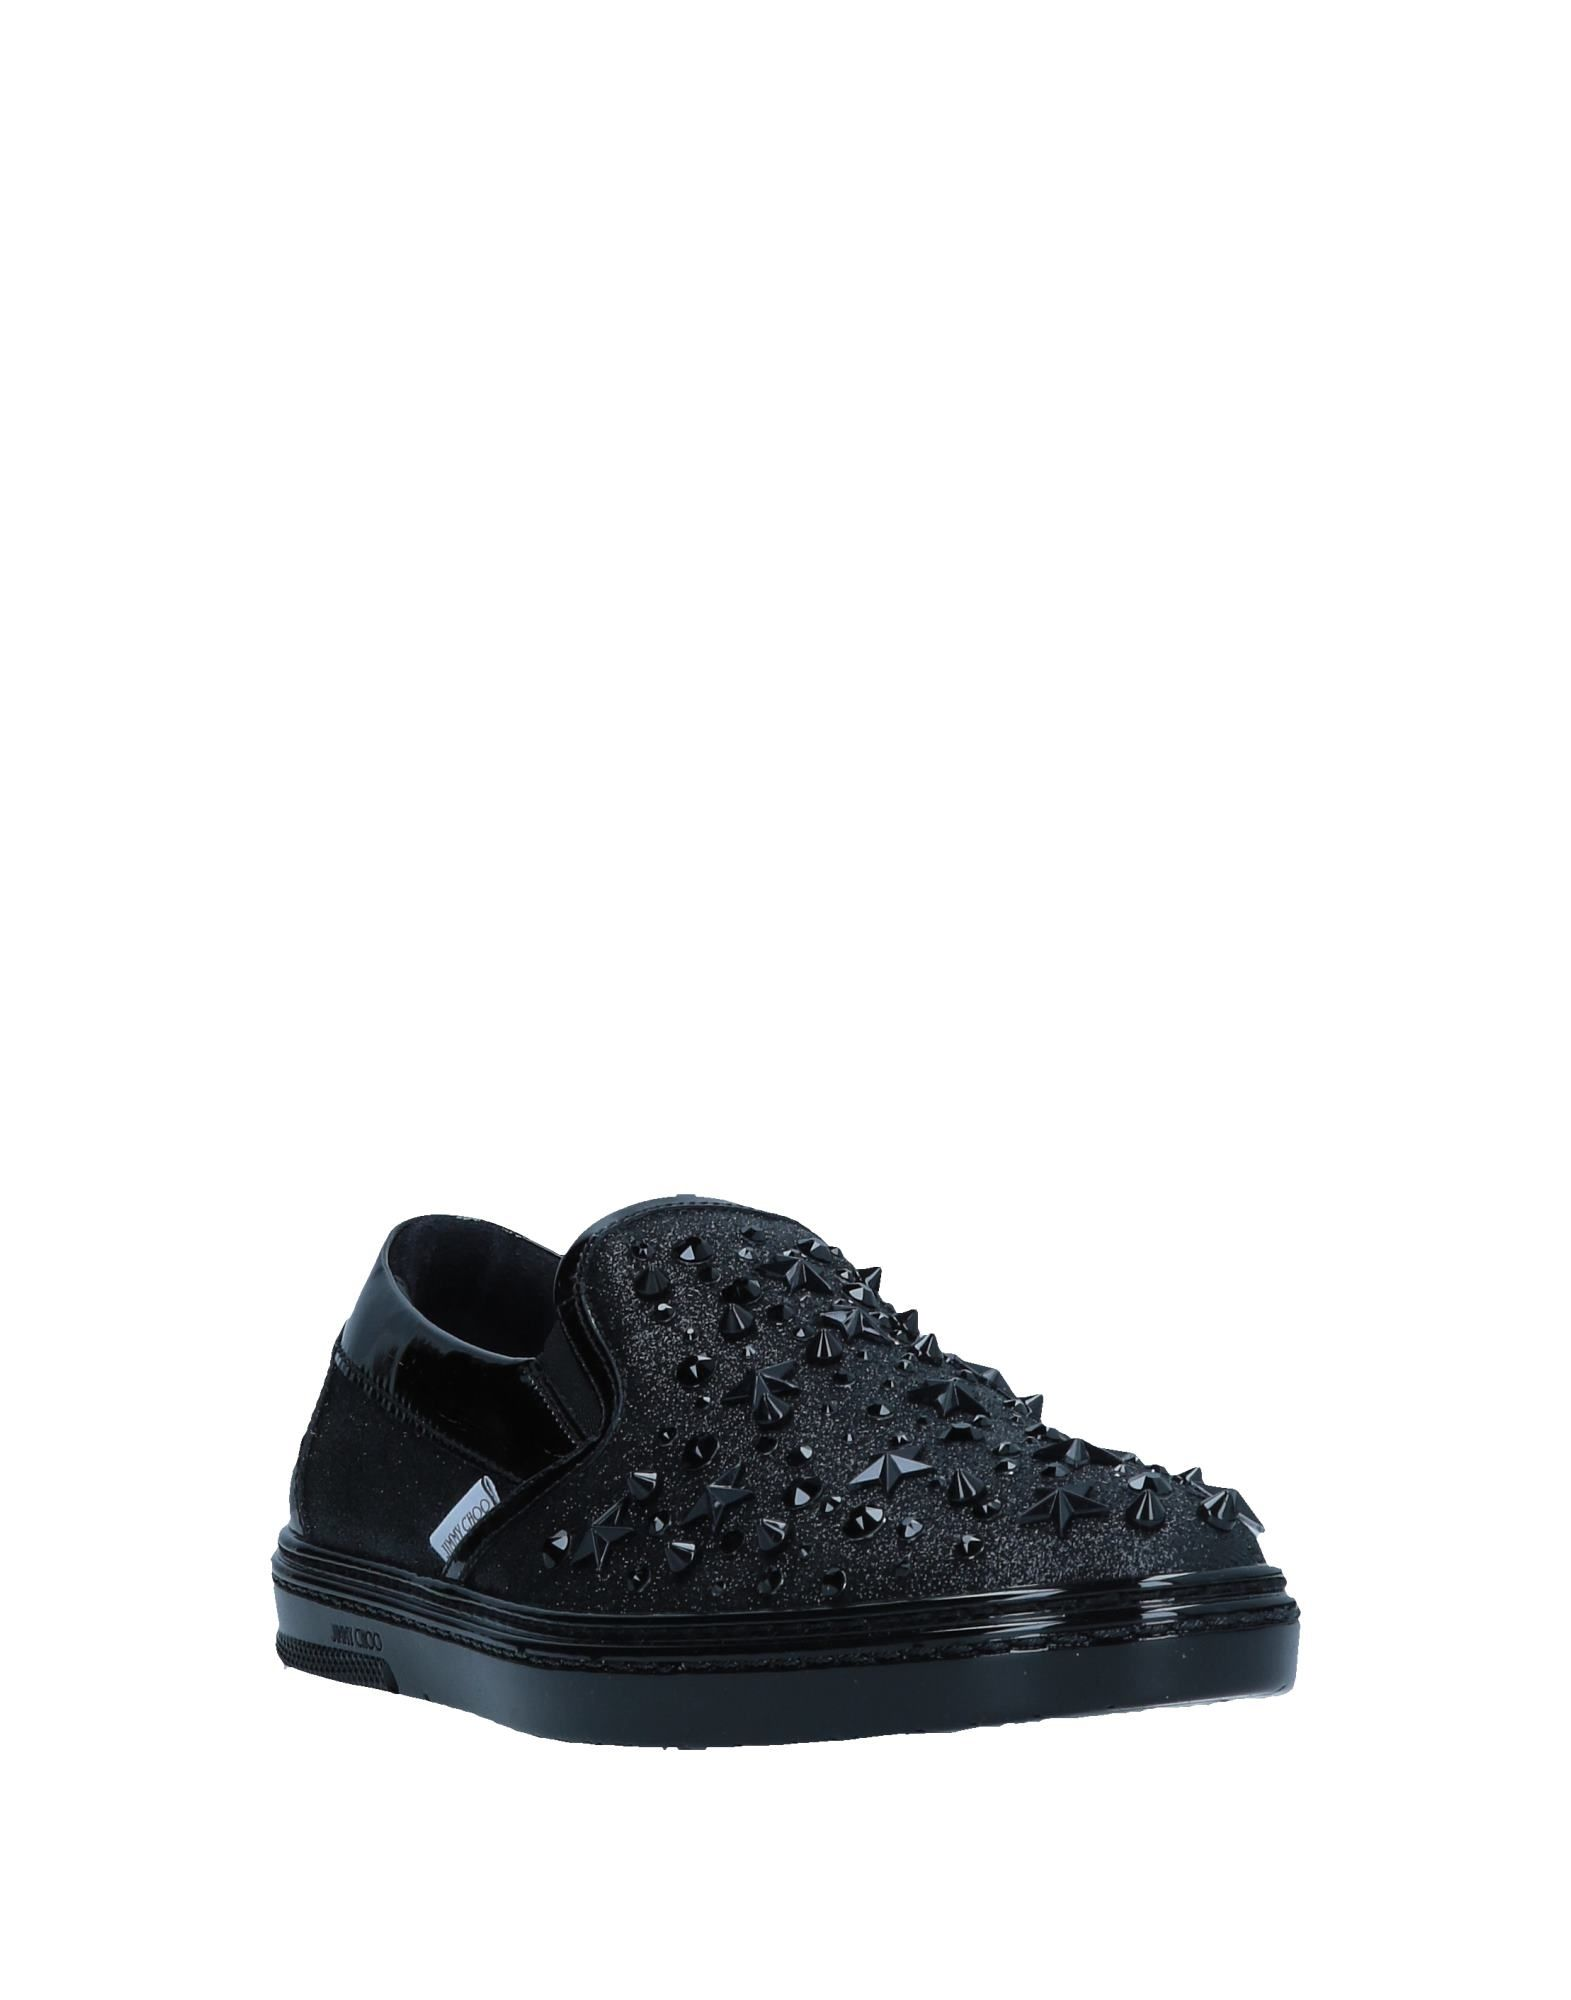 Jimmy Choo Sneakers - Men Jimmy Choo Sneakers online on on on  Canada - 11551985PD b69339